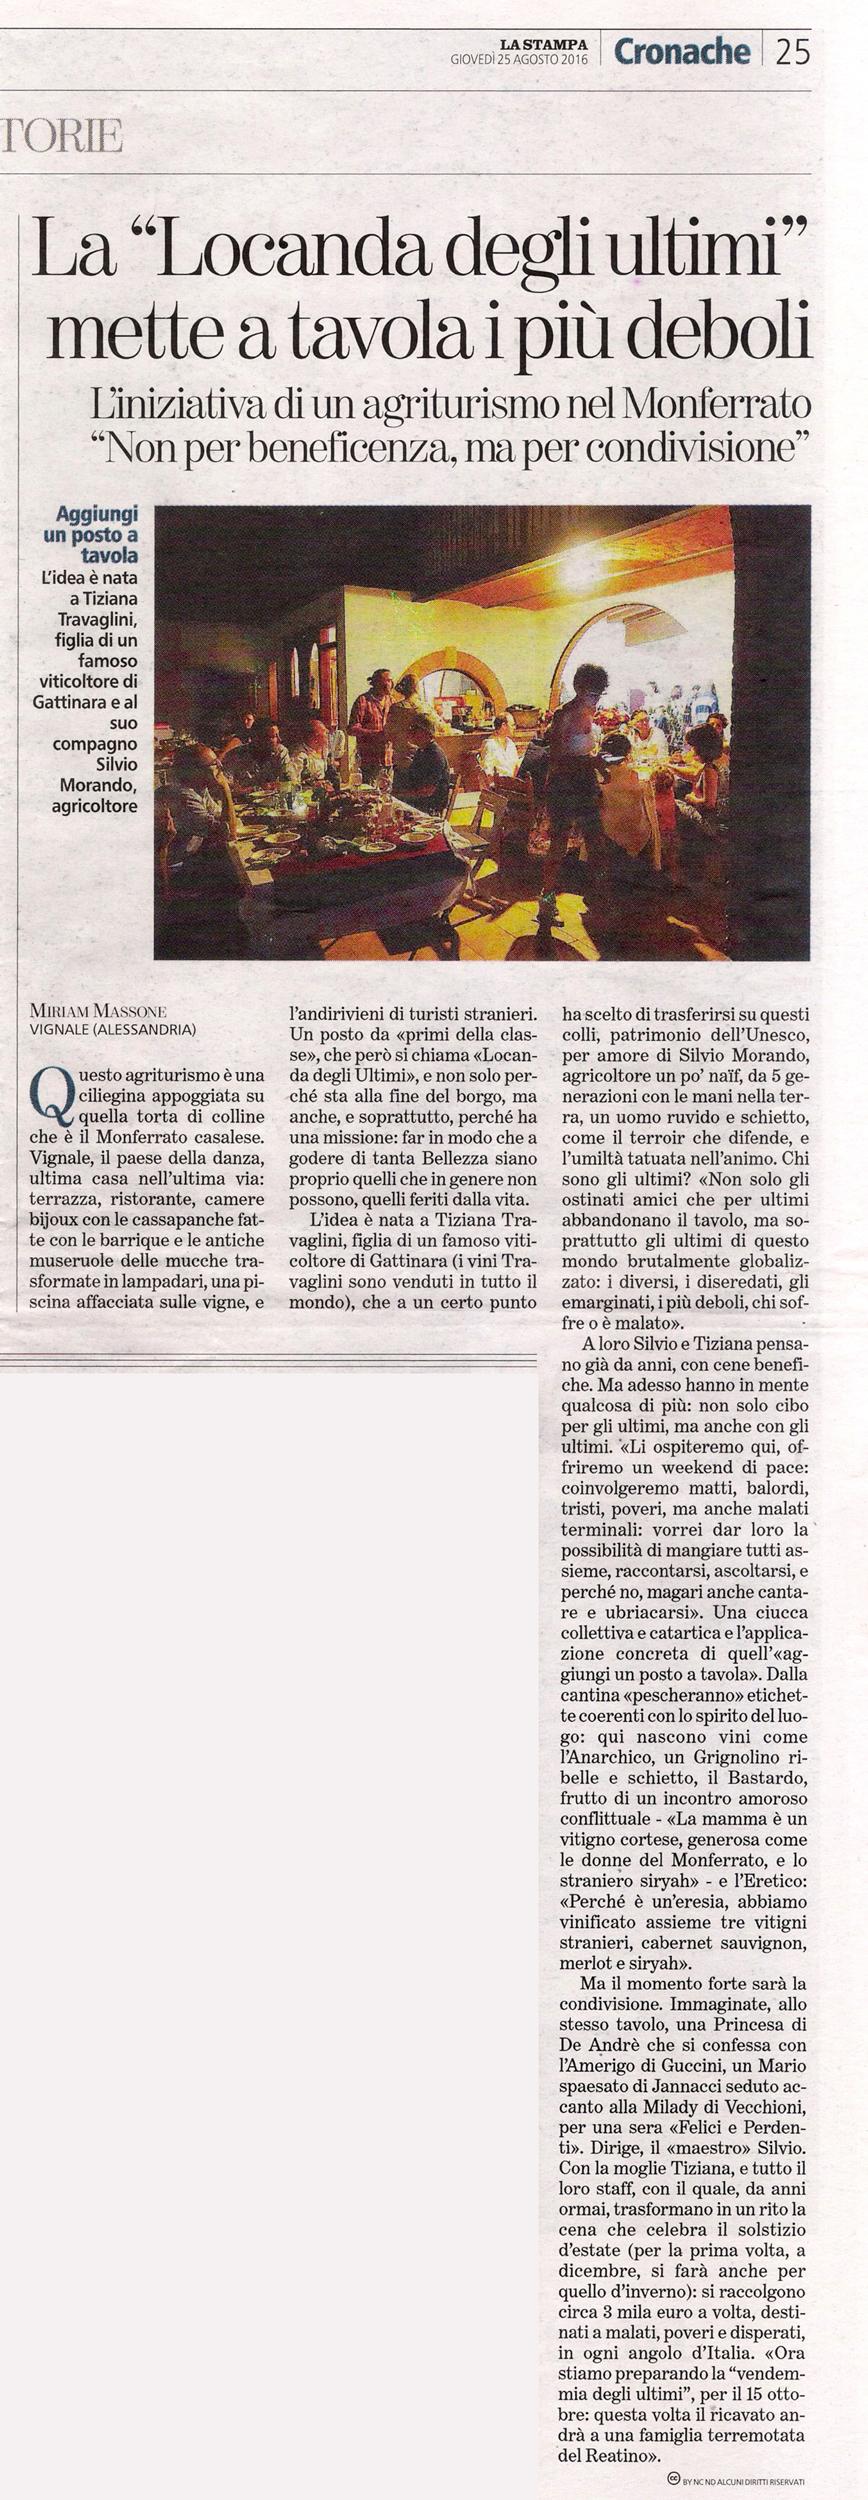 articolo della Stampa sulla Locanda degli Ultimi